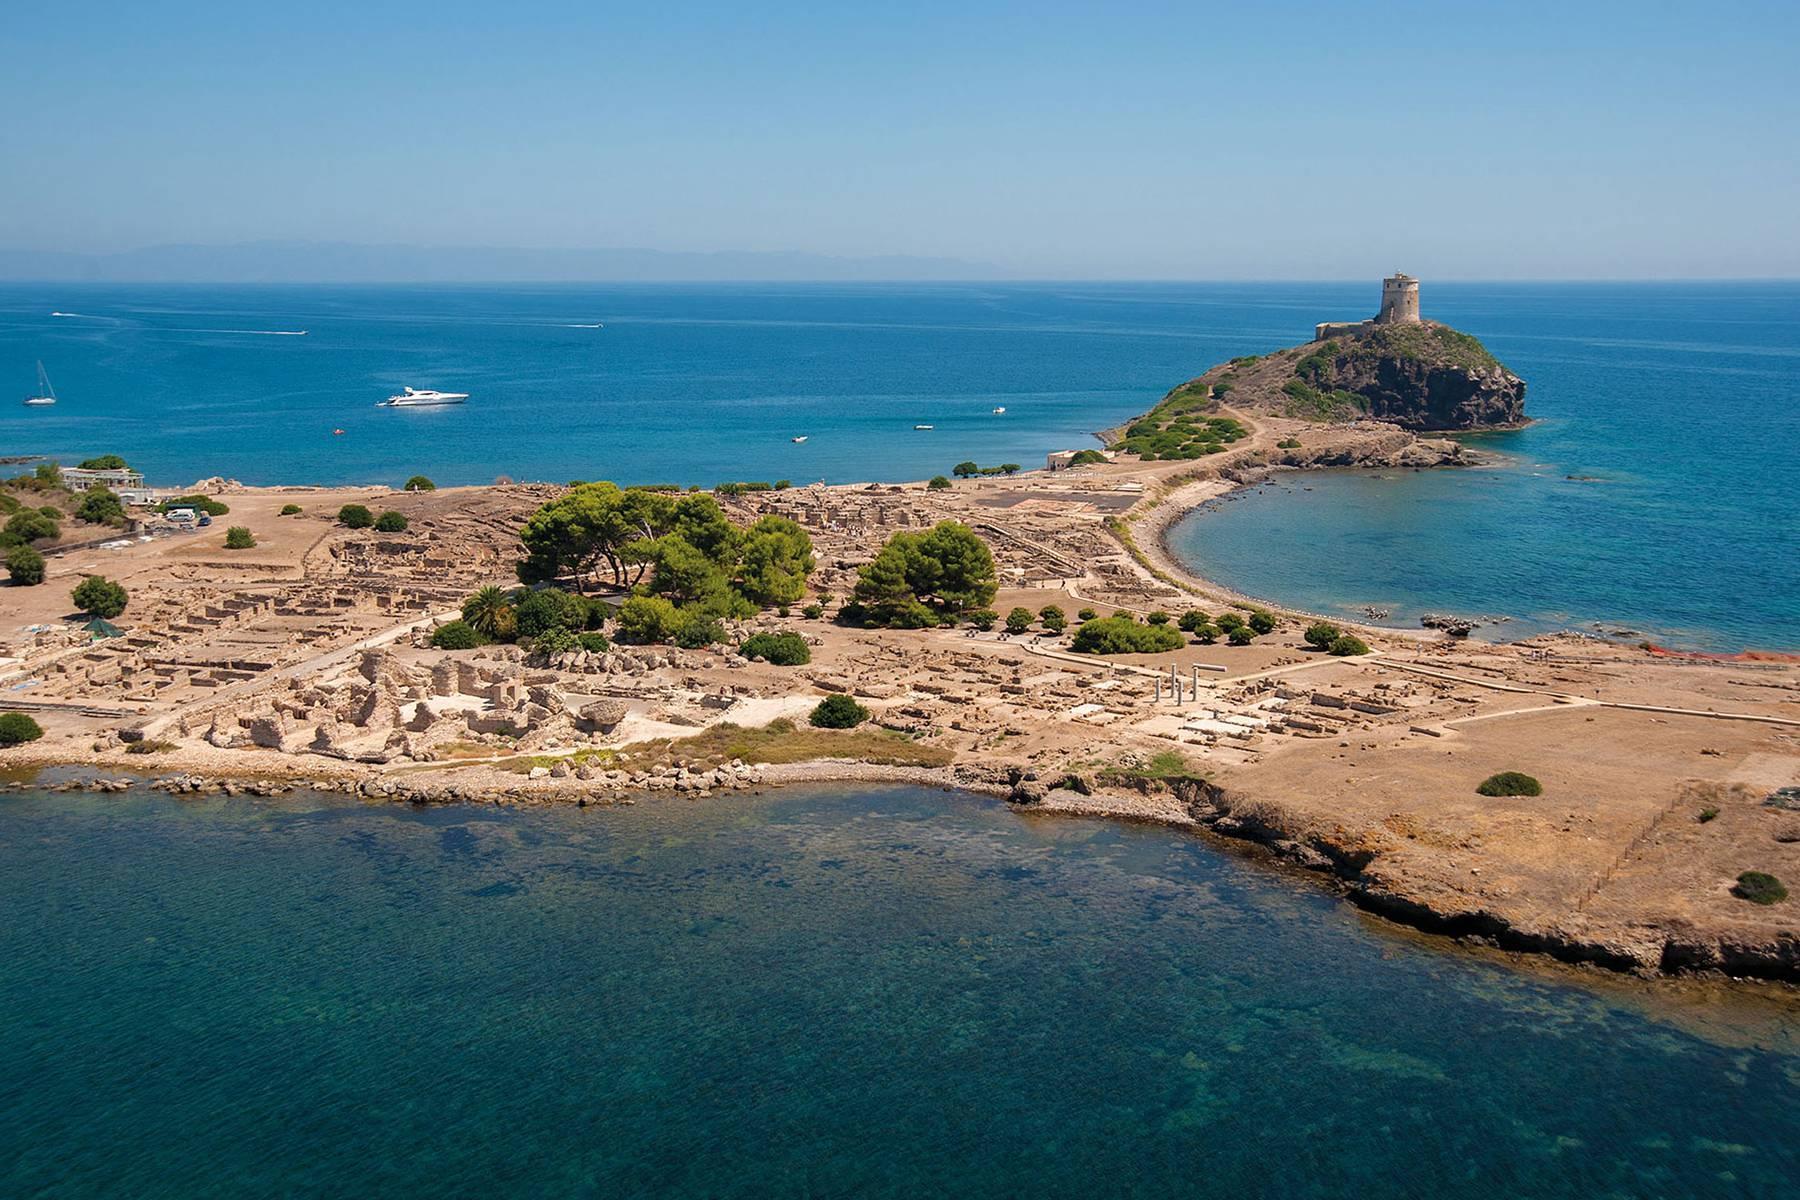 Villa indipendente vicino al mare e al suggestivo sito archeologico di Nora. - 17